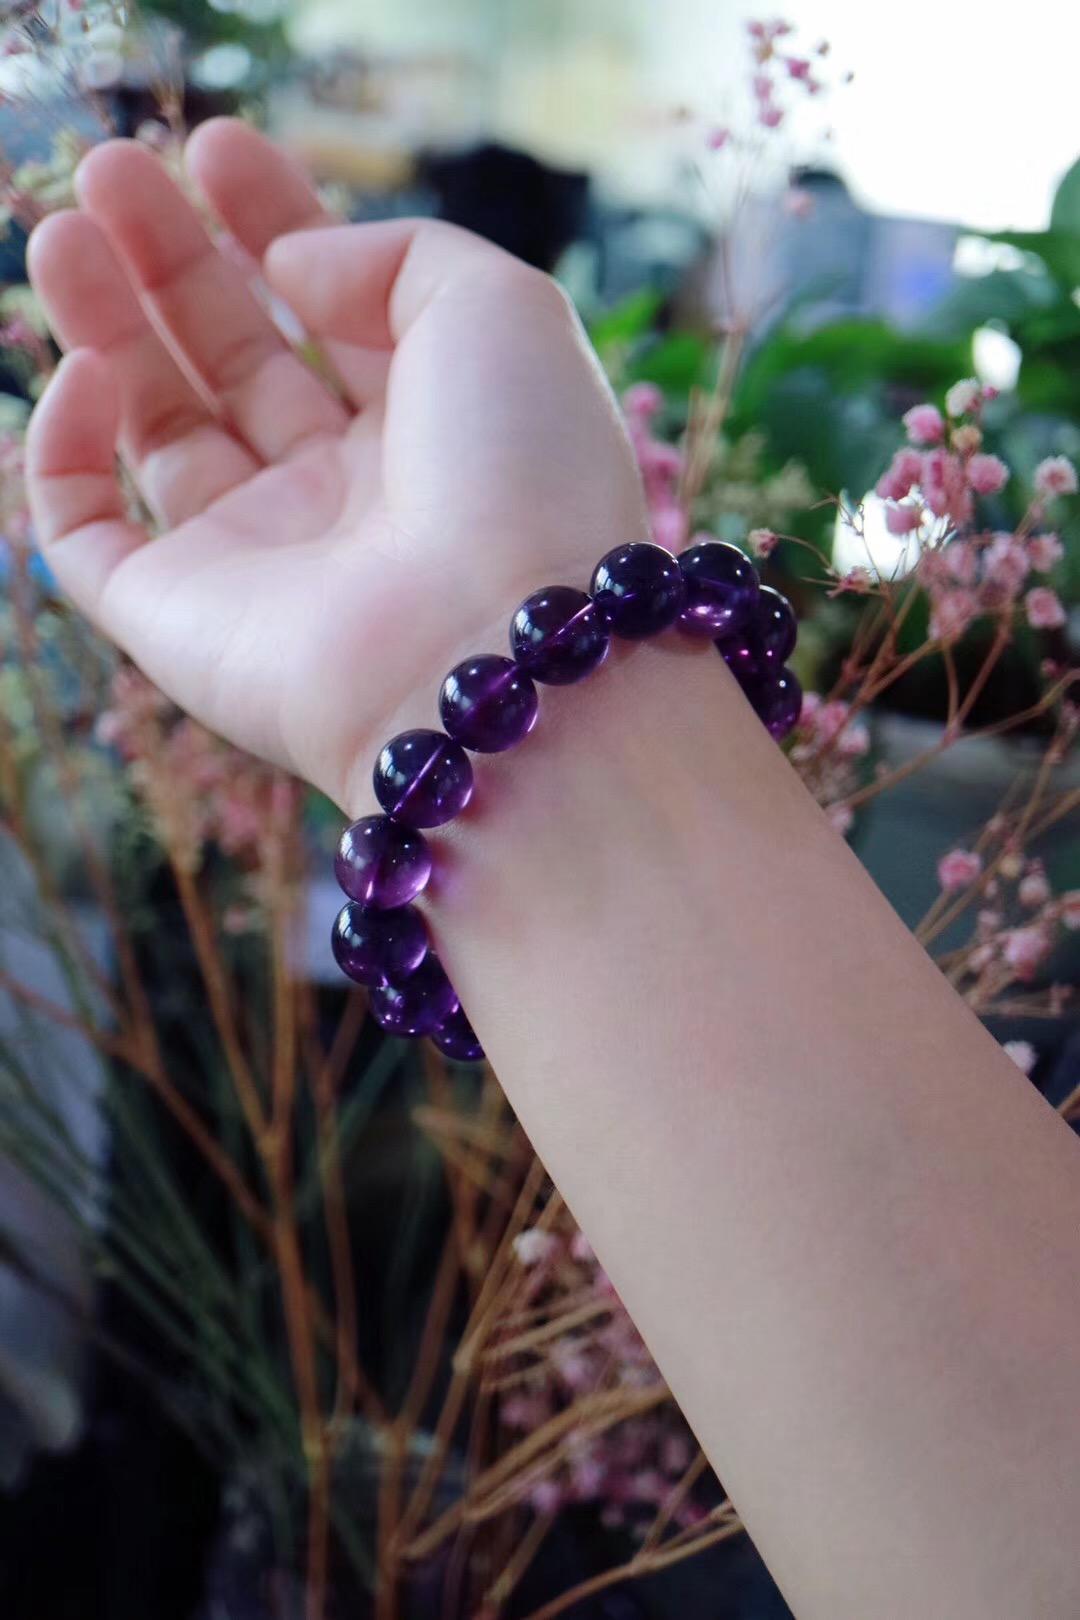 【菩心 | 极品紫水晶】紫水晶能引内在的平静与和平-菩心晶舍